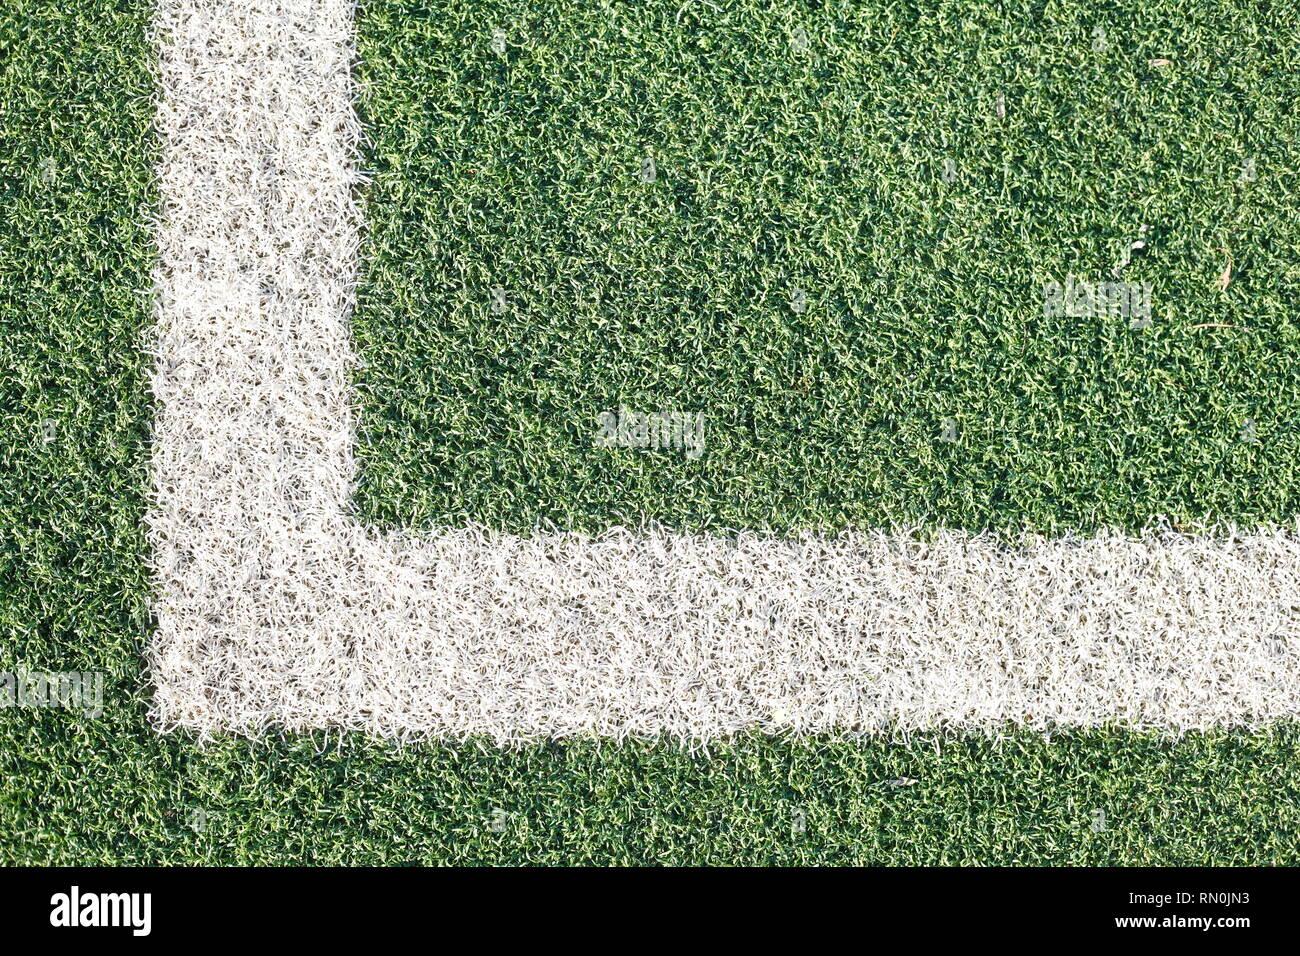 Corner, touche, marque à la craie sur la pelouse sur un terrain de football Photo Stock